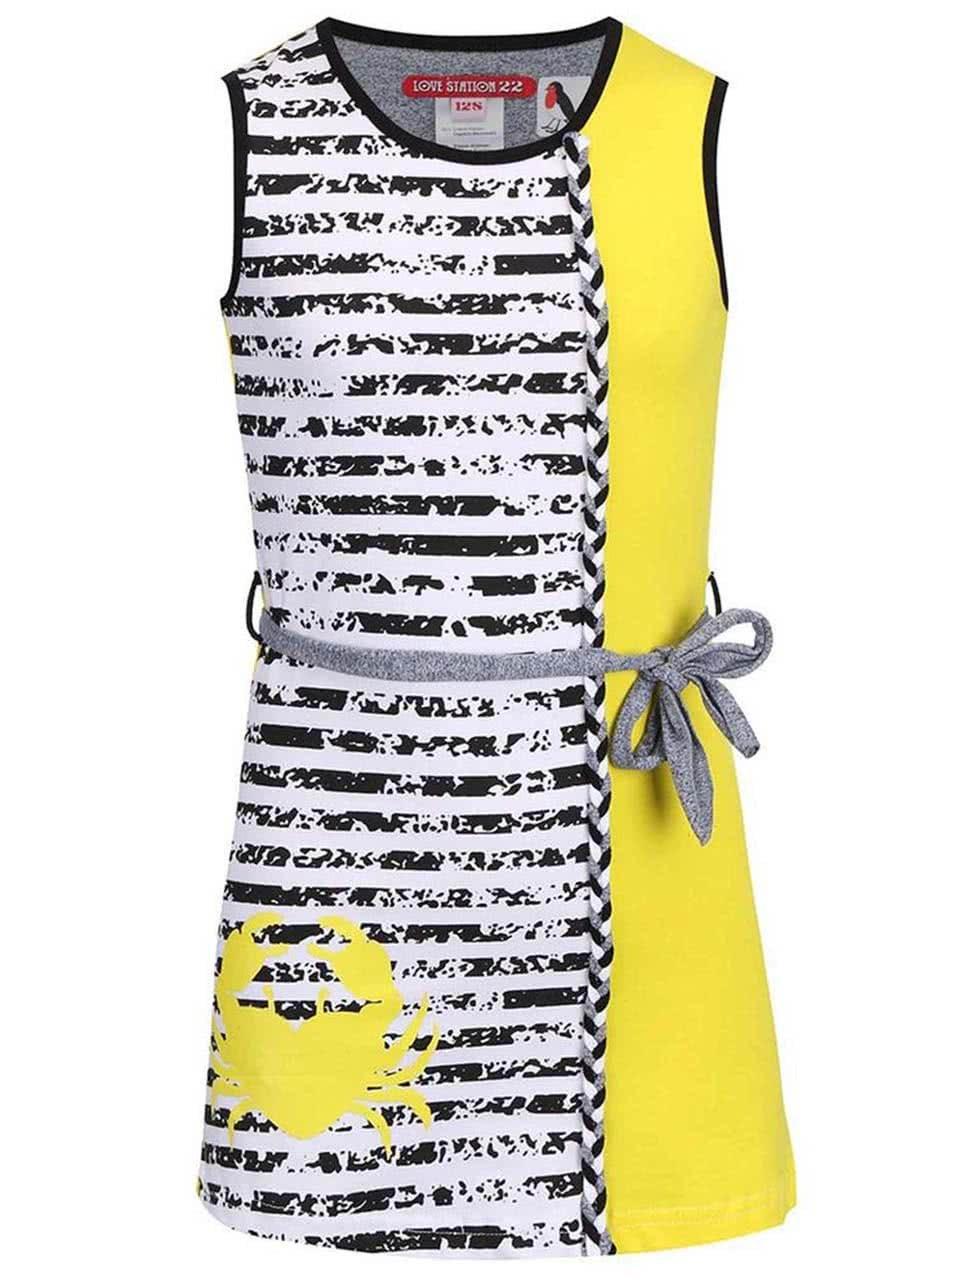 57512e34449 Bílo-žluté pruhované šaty LoveStation22 Christina ...